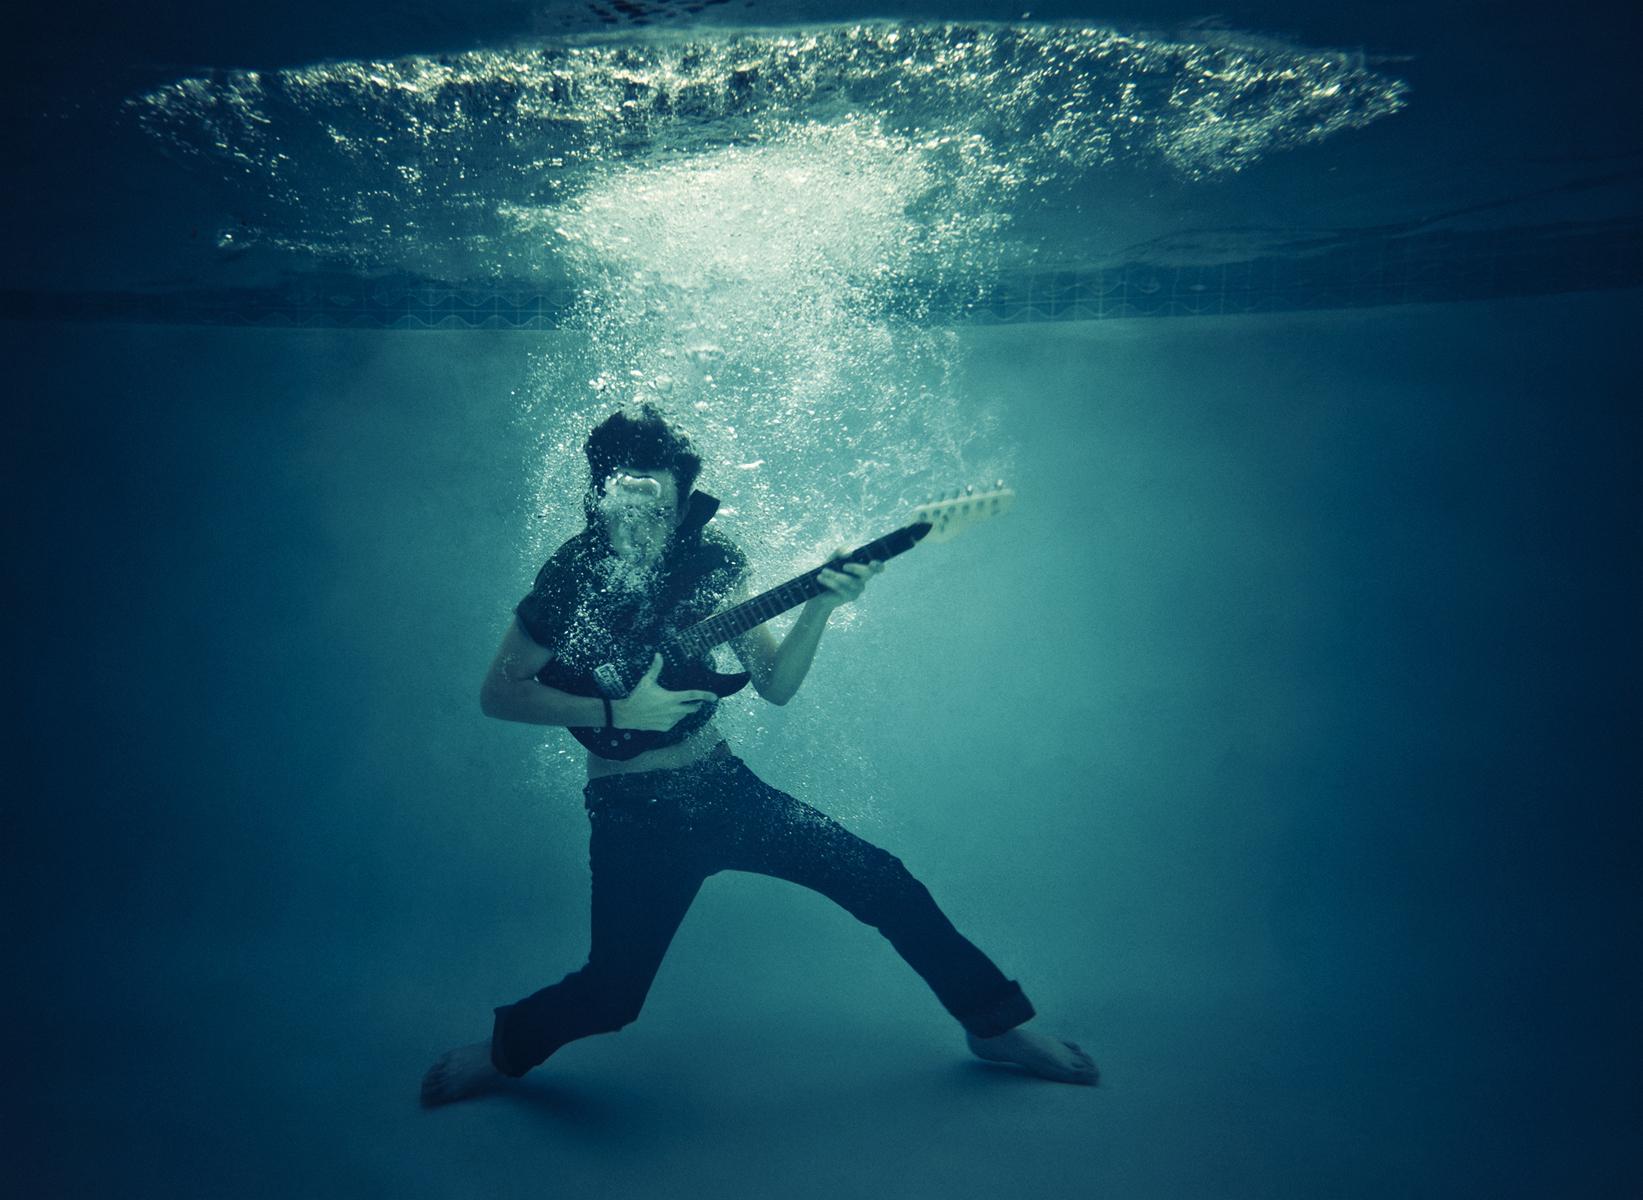 UWA researchers playing music underwater this Australia Day at Matilda Bay